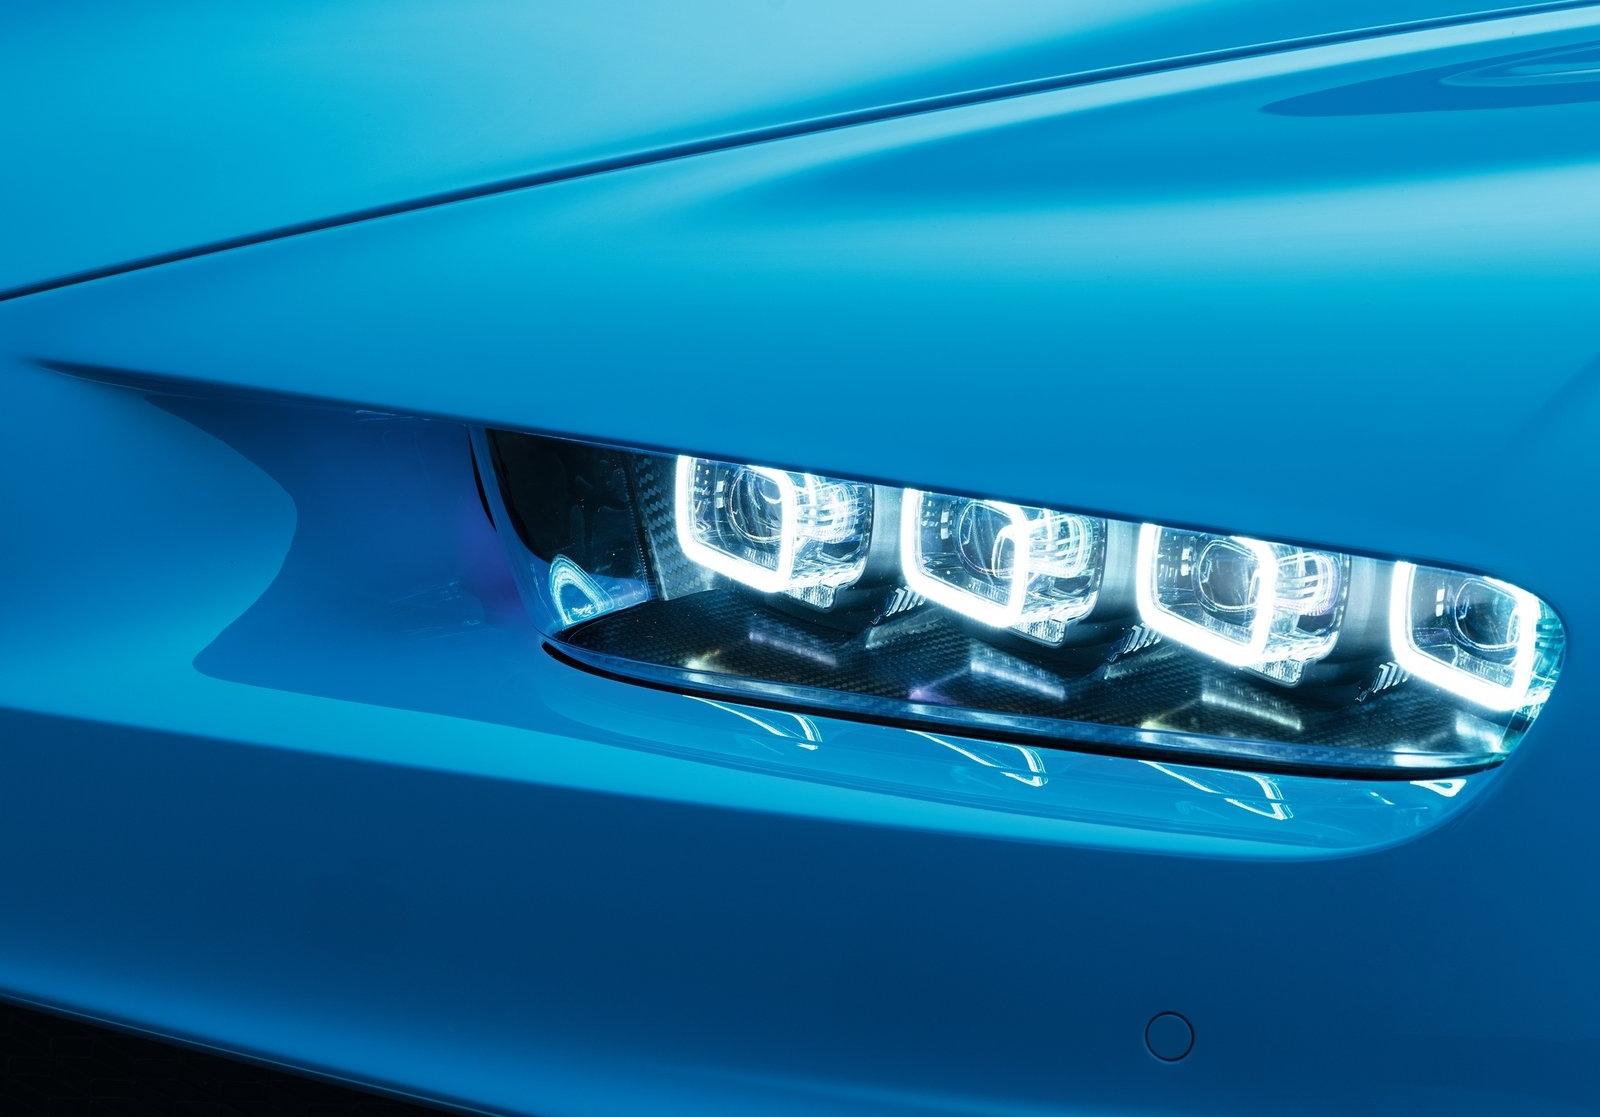 Bugatti Chiron Download Free Backgrounds HD